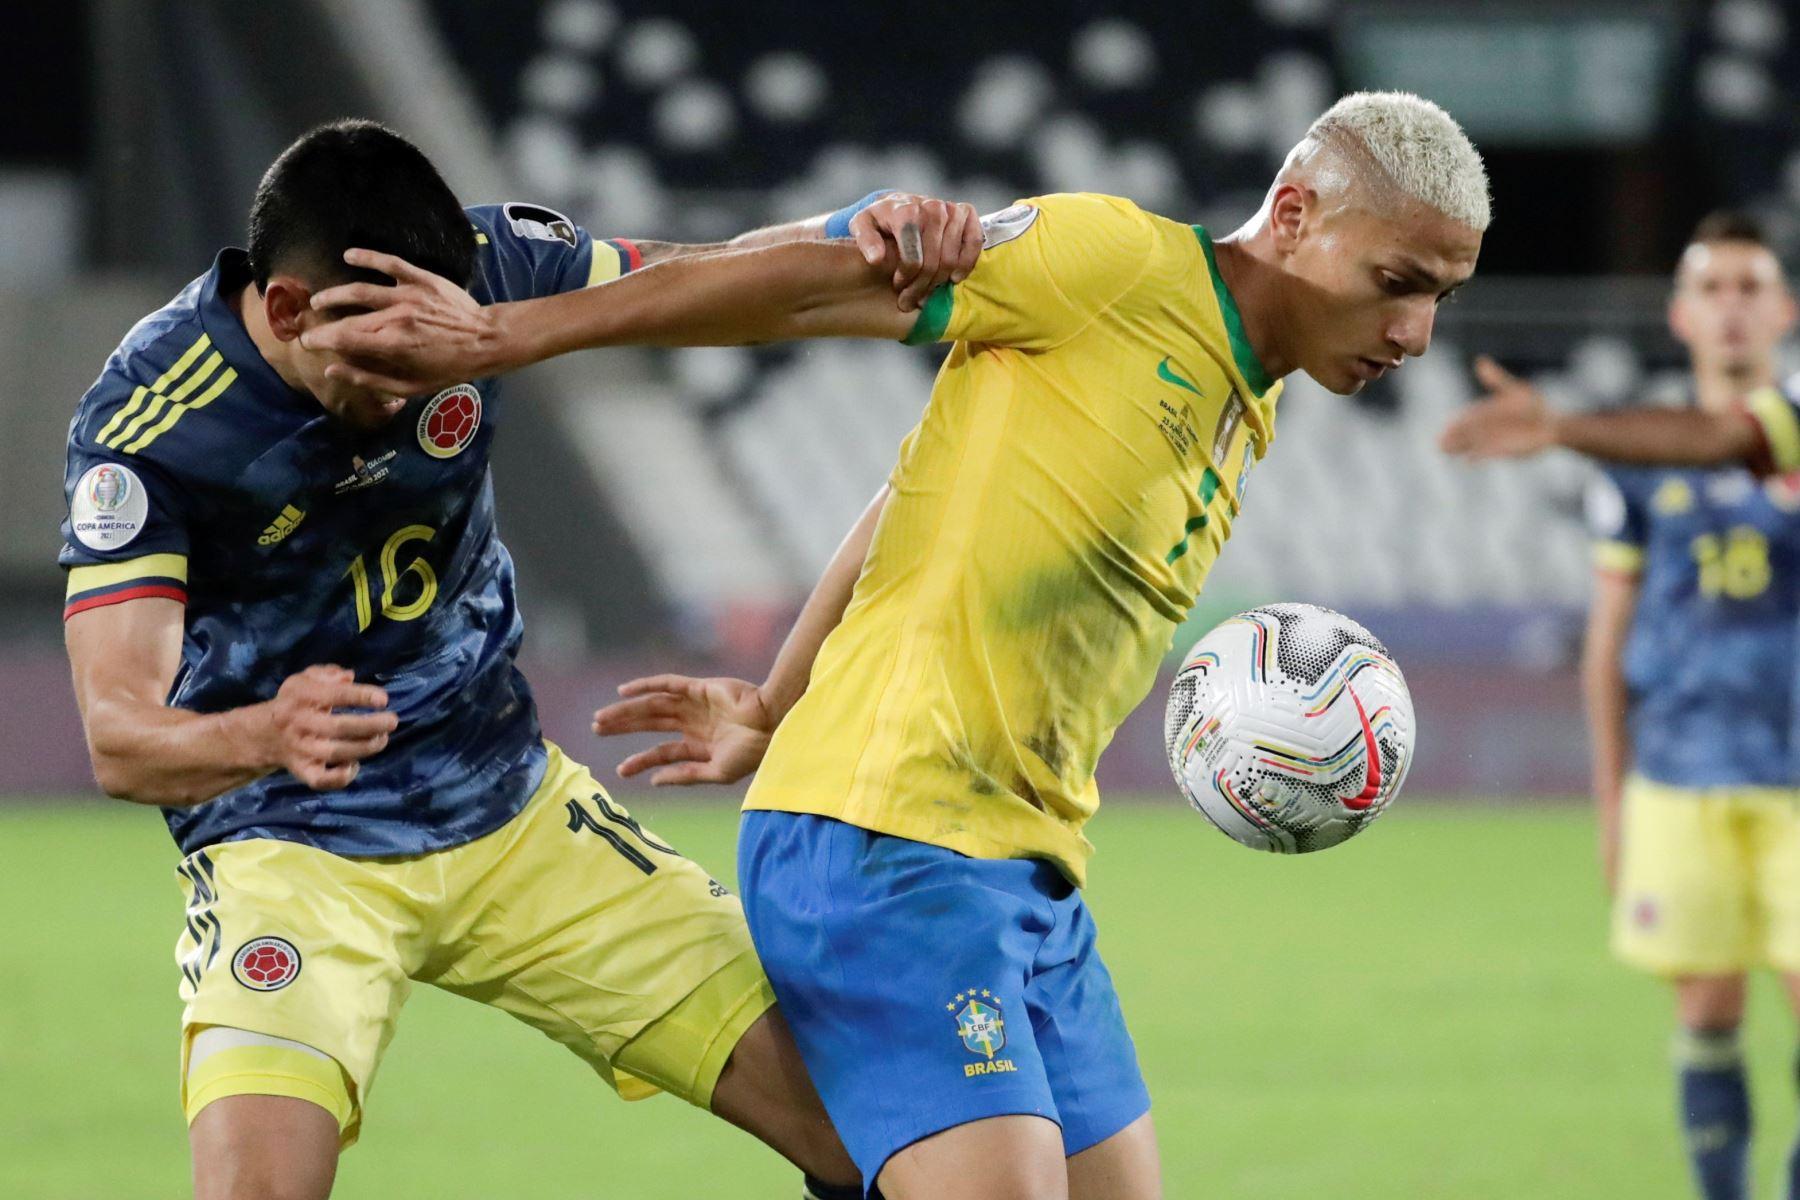 Richarlison de Brasil disputa hoy el balón con Daniel Muñoz de Colombia, durante un partido por el Grupo B de la Copa América en el Estadio Olímpico Nilton Santos de Río de Janeiro. Foto: EFE